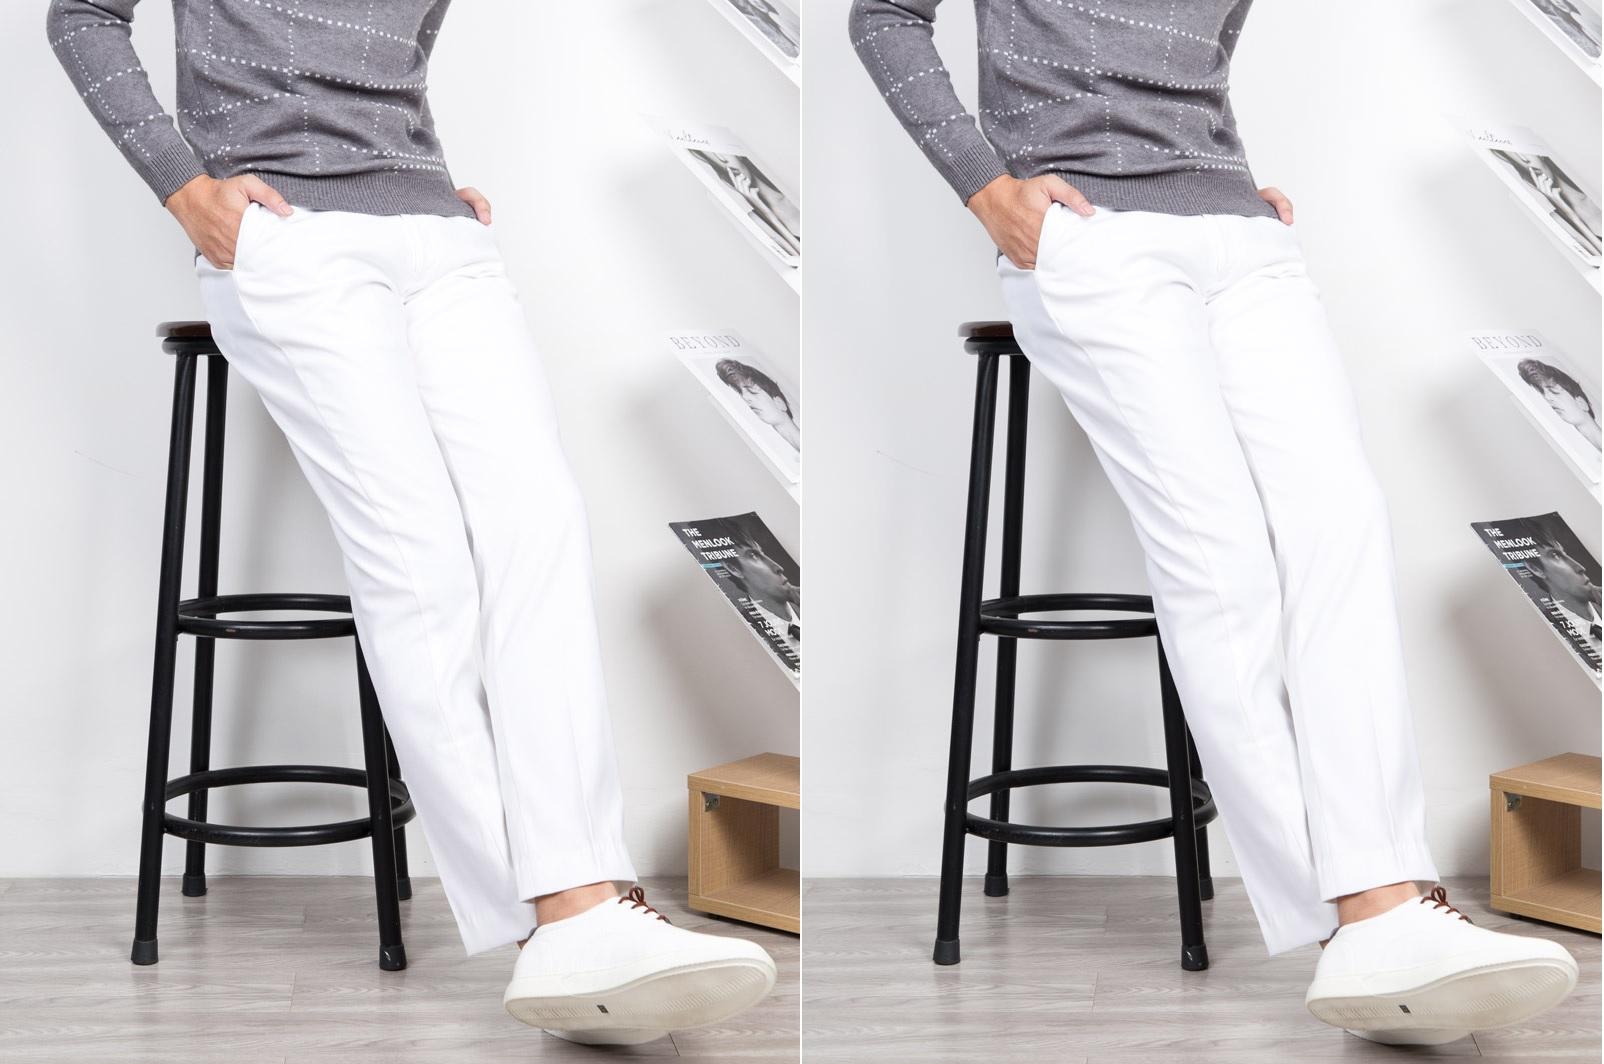 Sỉ quần nam giá rẻ tphcm